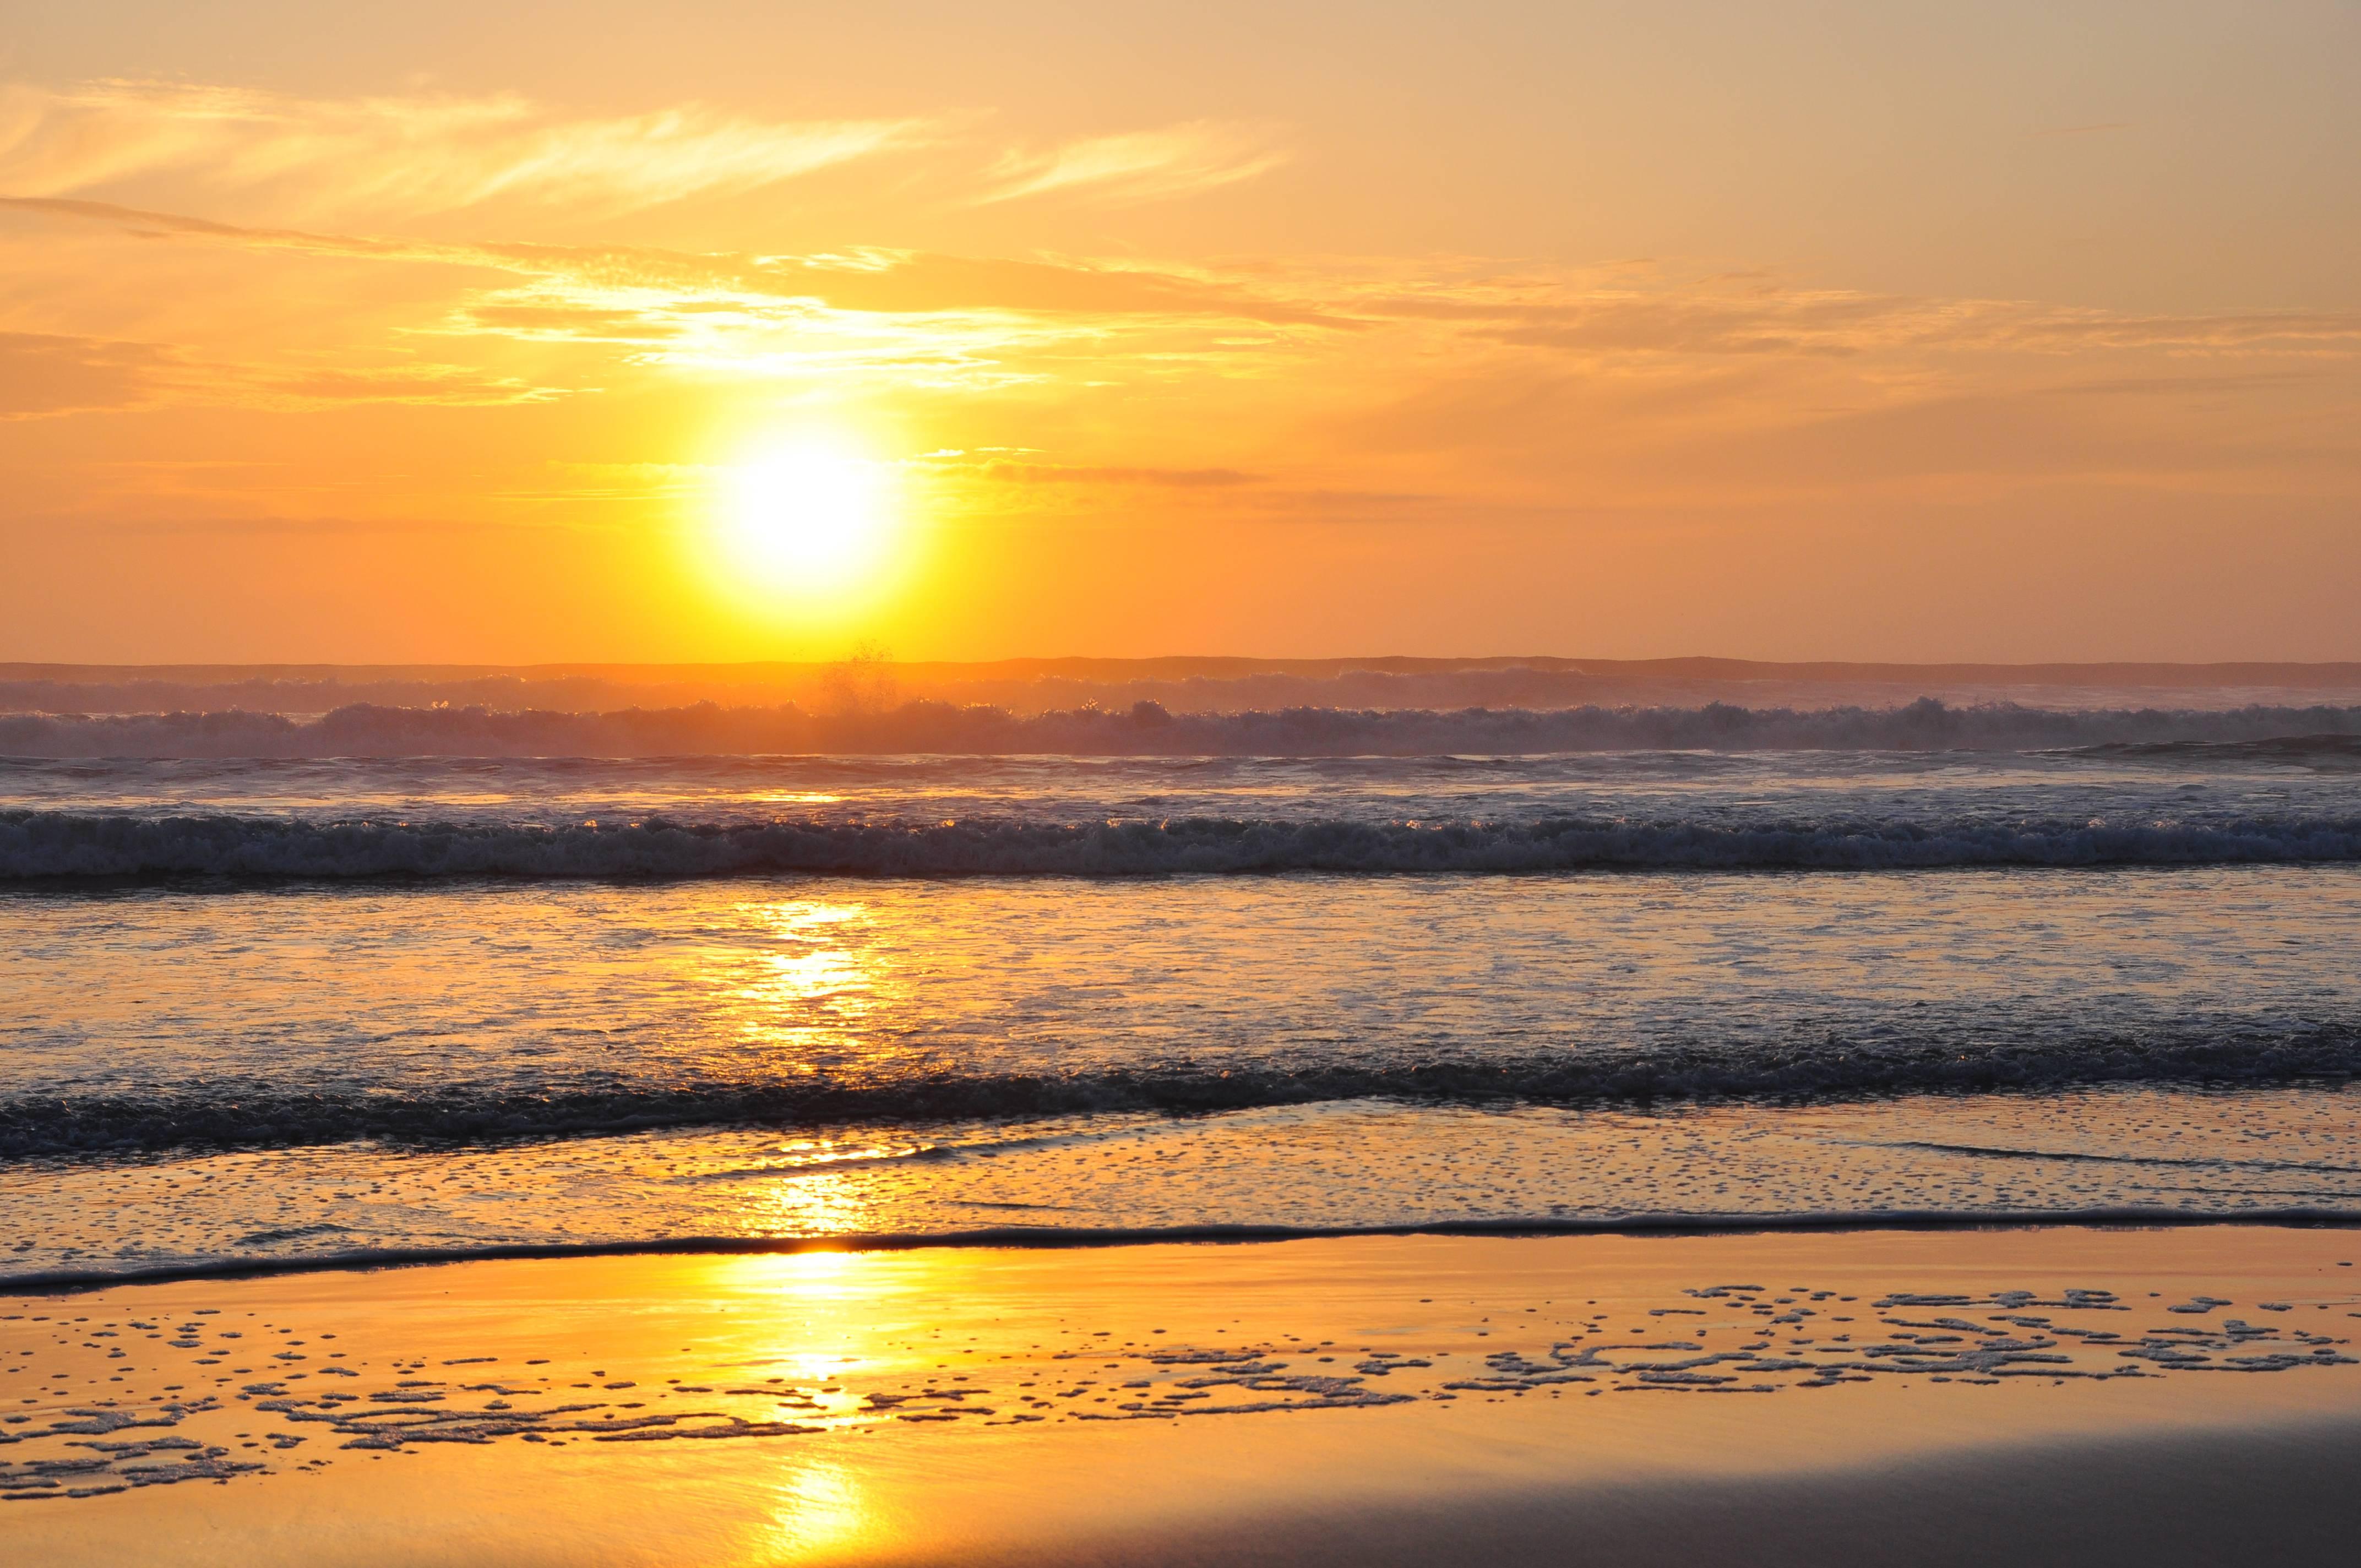 beach sunrise tumblr hd - photo #37